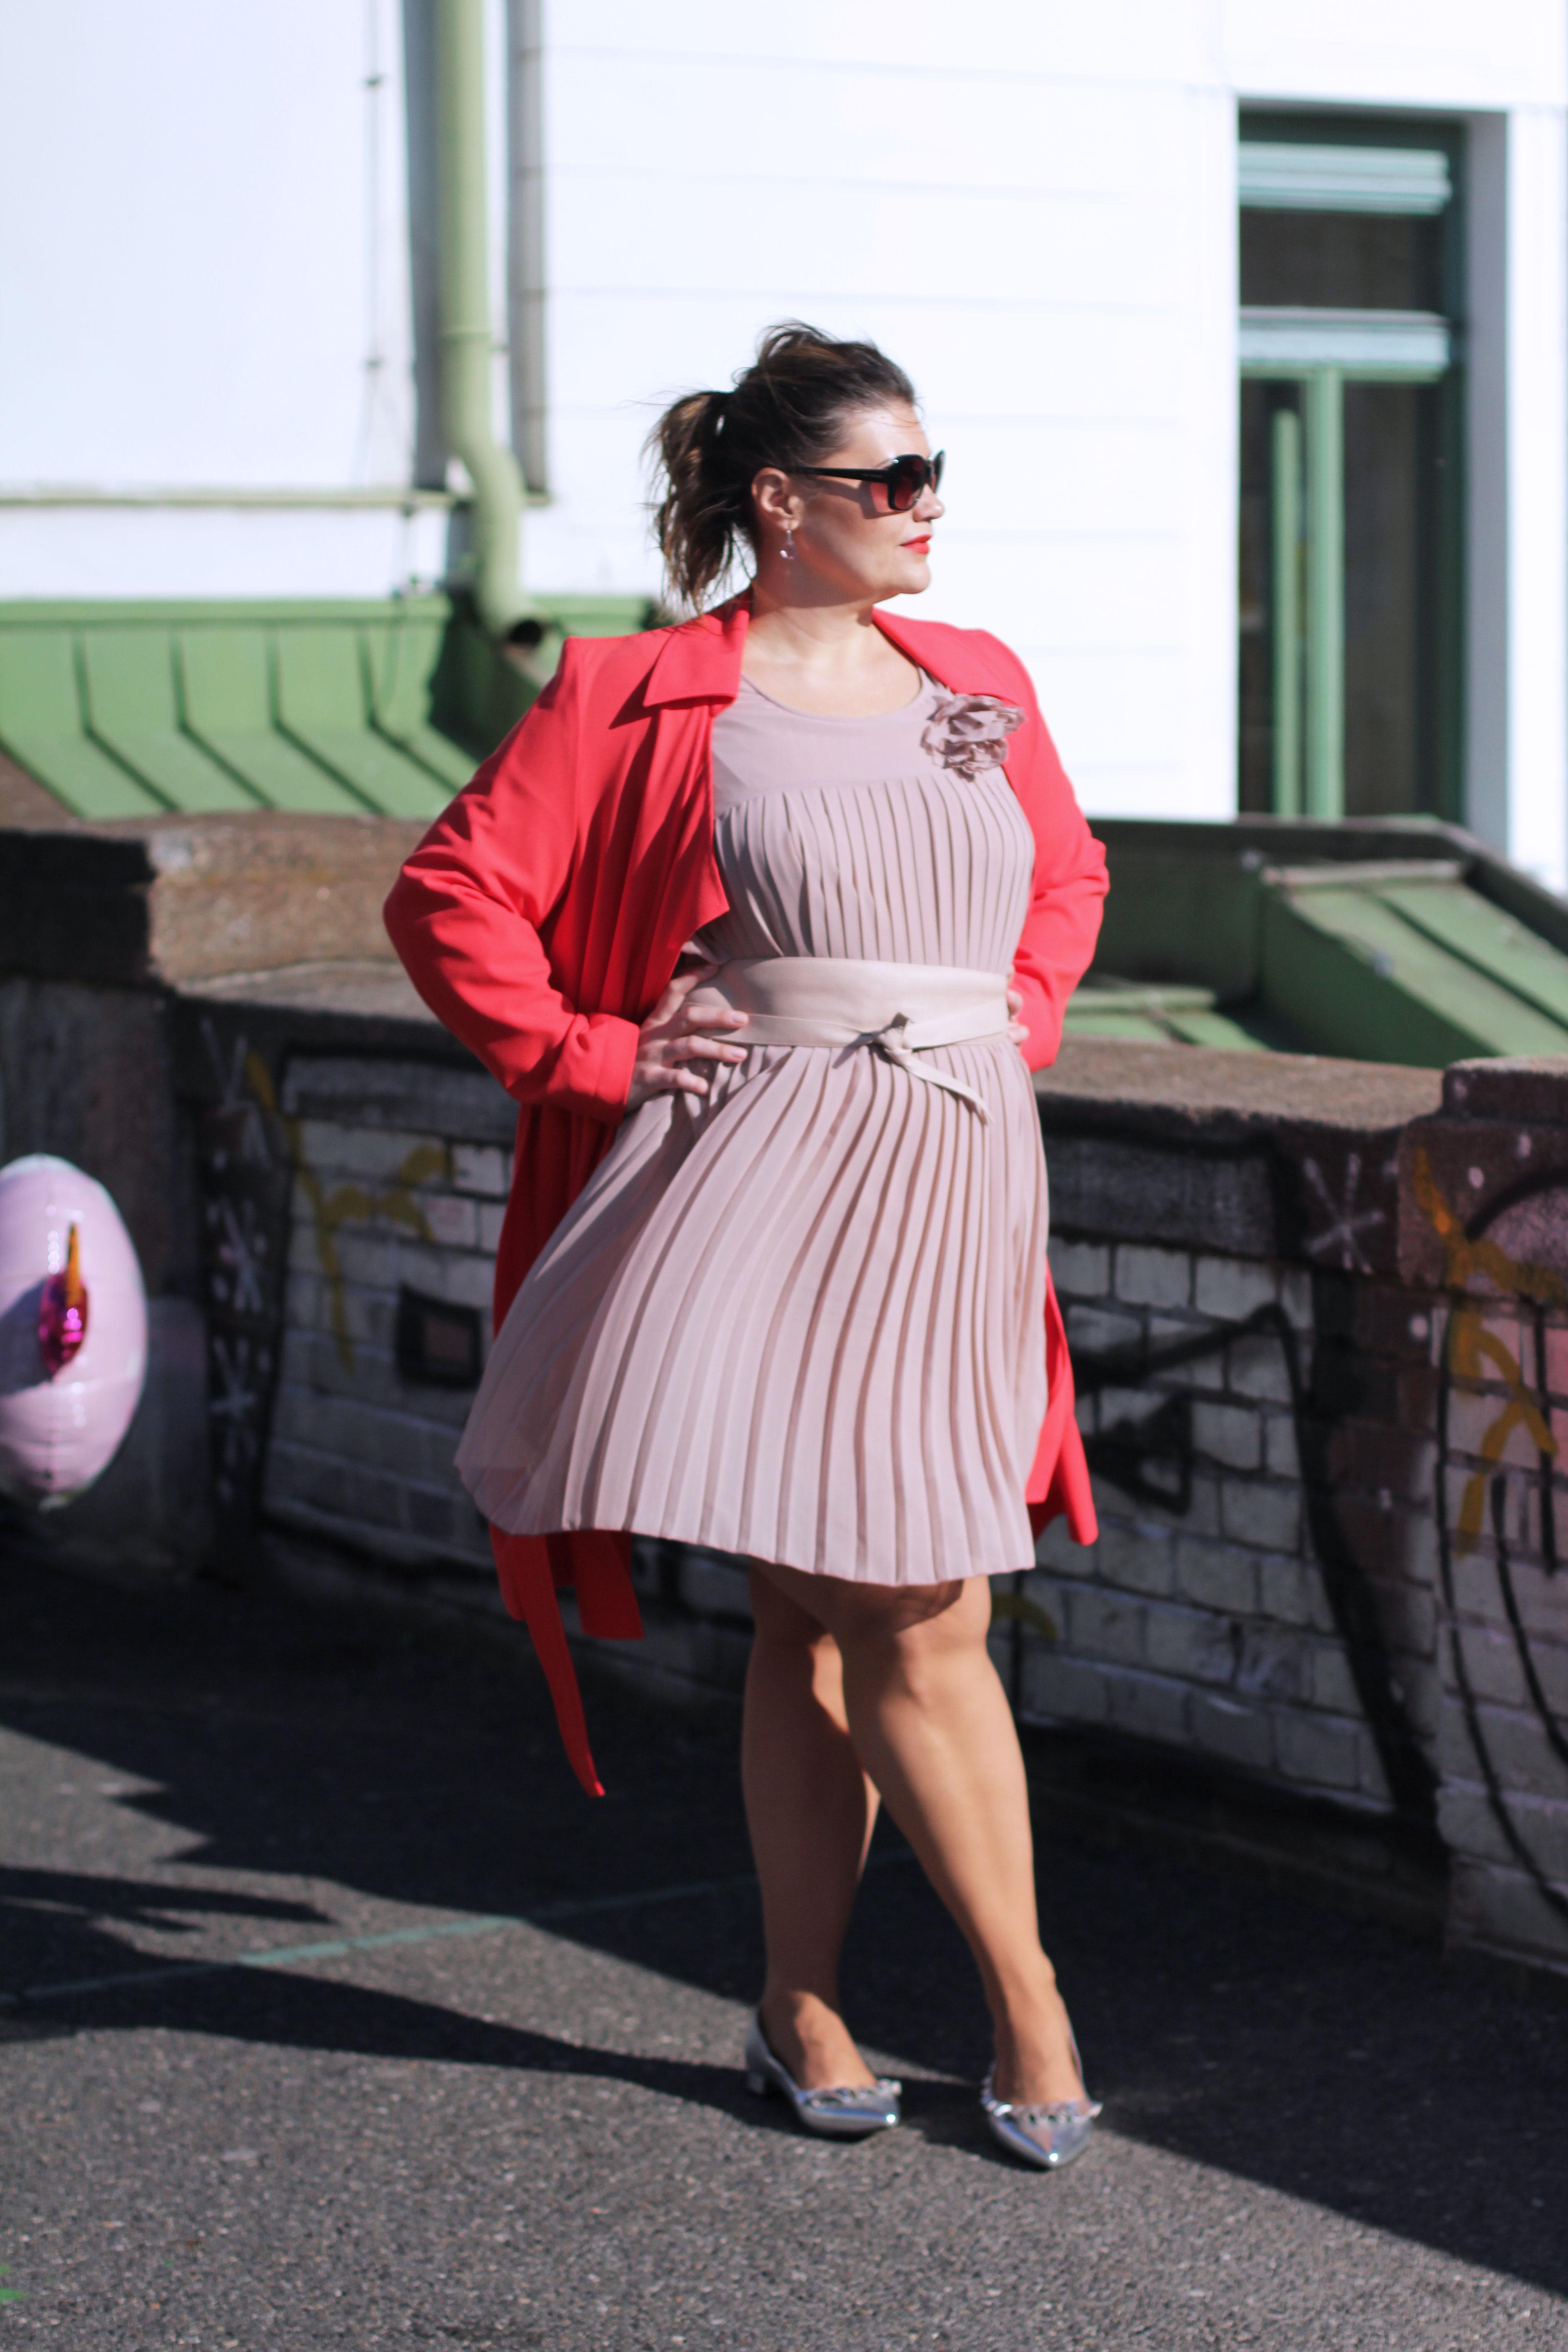 Volant-Metallic-Silber-Plissee-Kleid-Koralle-Trenchcoat-Grandios-Vienna-Plus-Size-Outfit-Look-Spring-Fashion-kardiaserena-Plussize